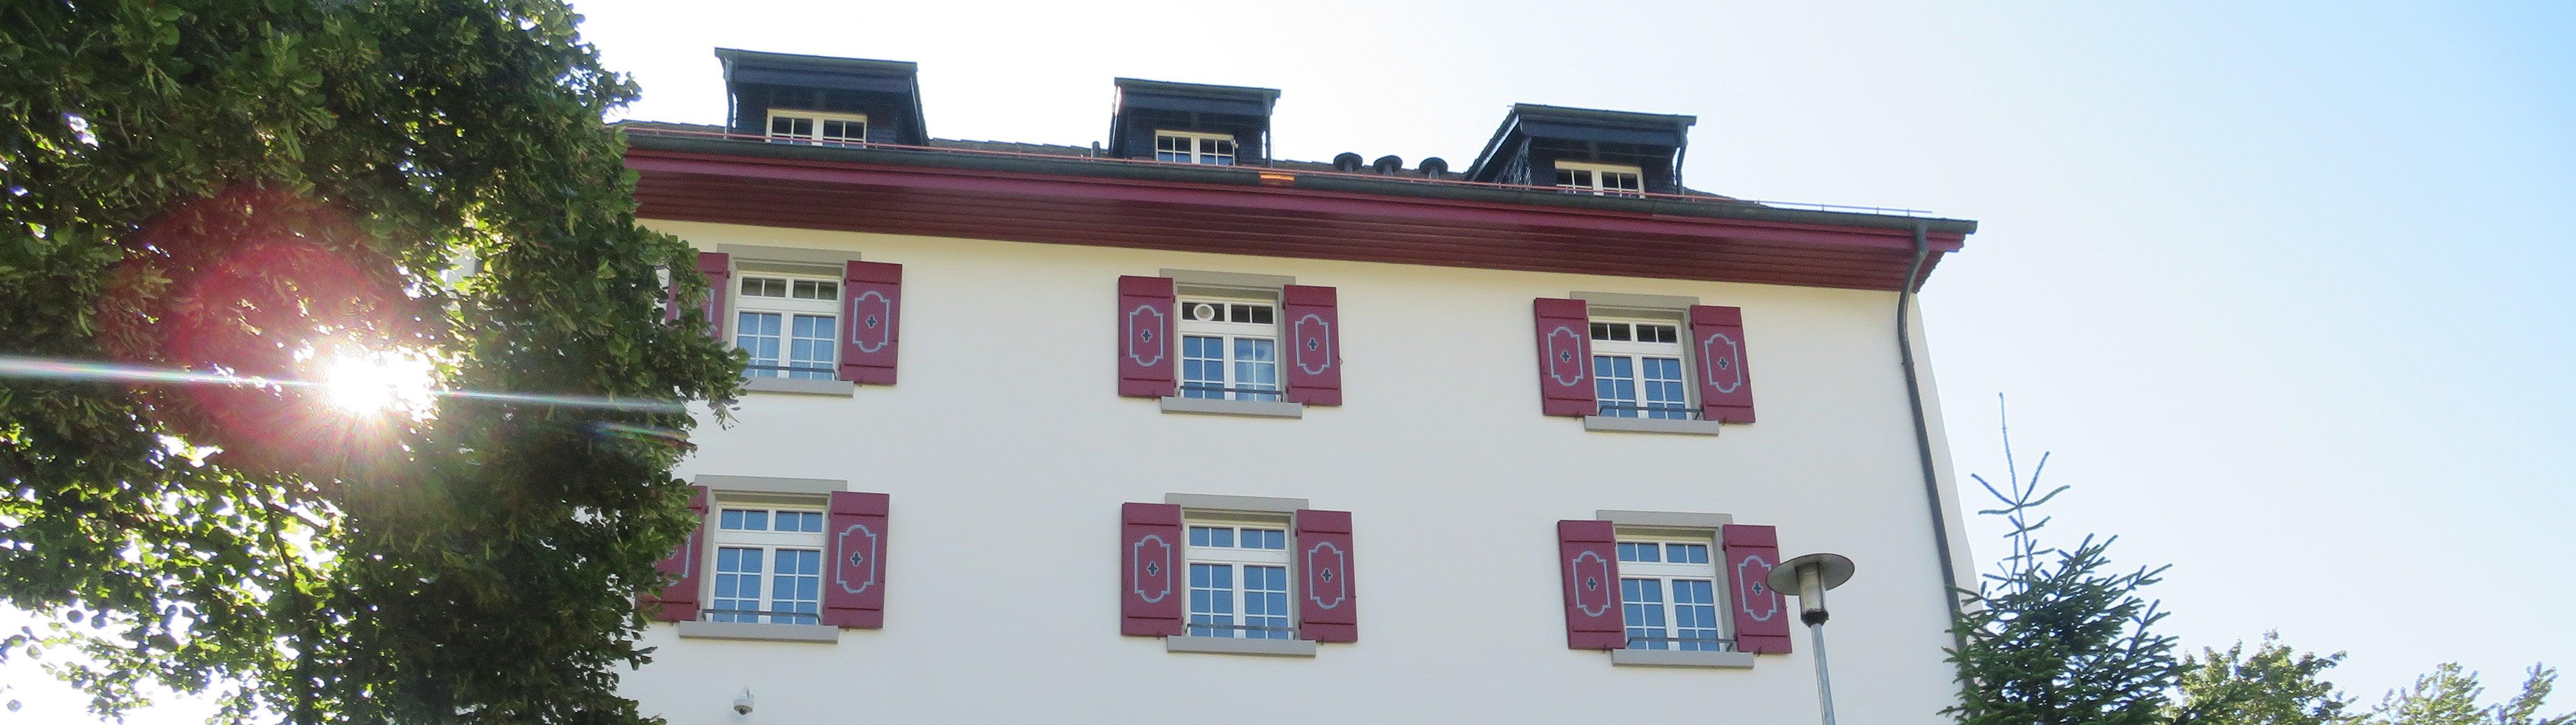 Rudolfstetten-Friedlisberg